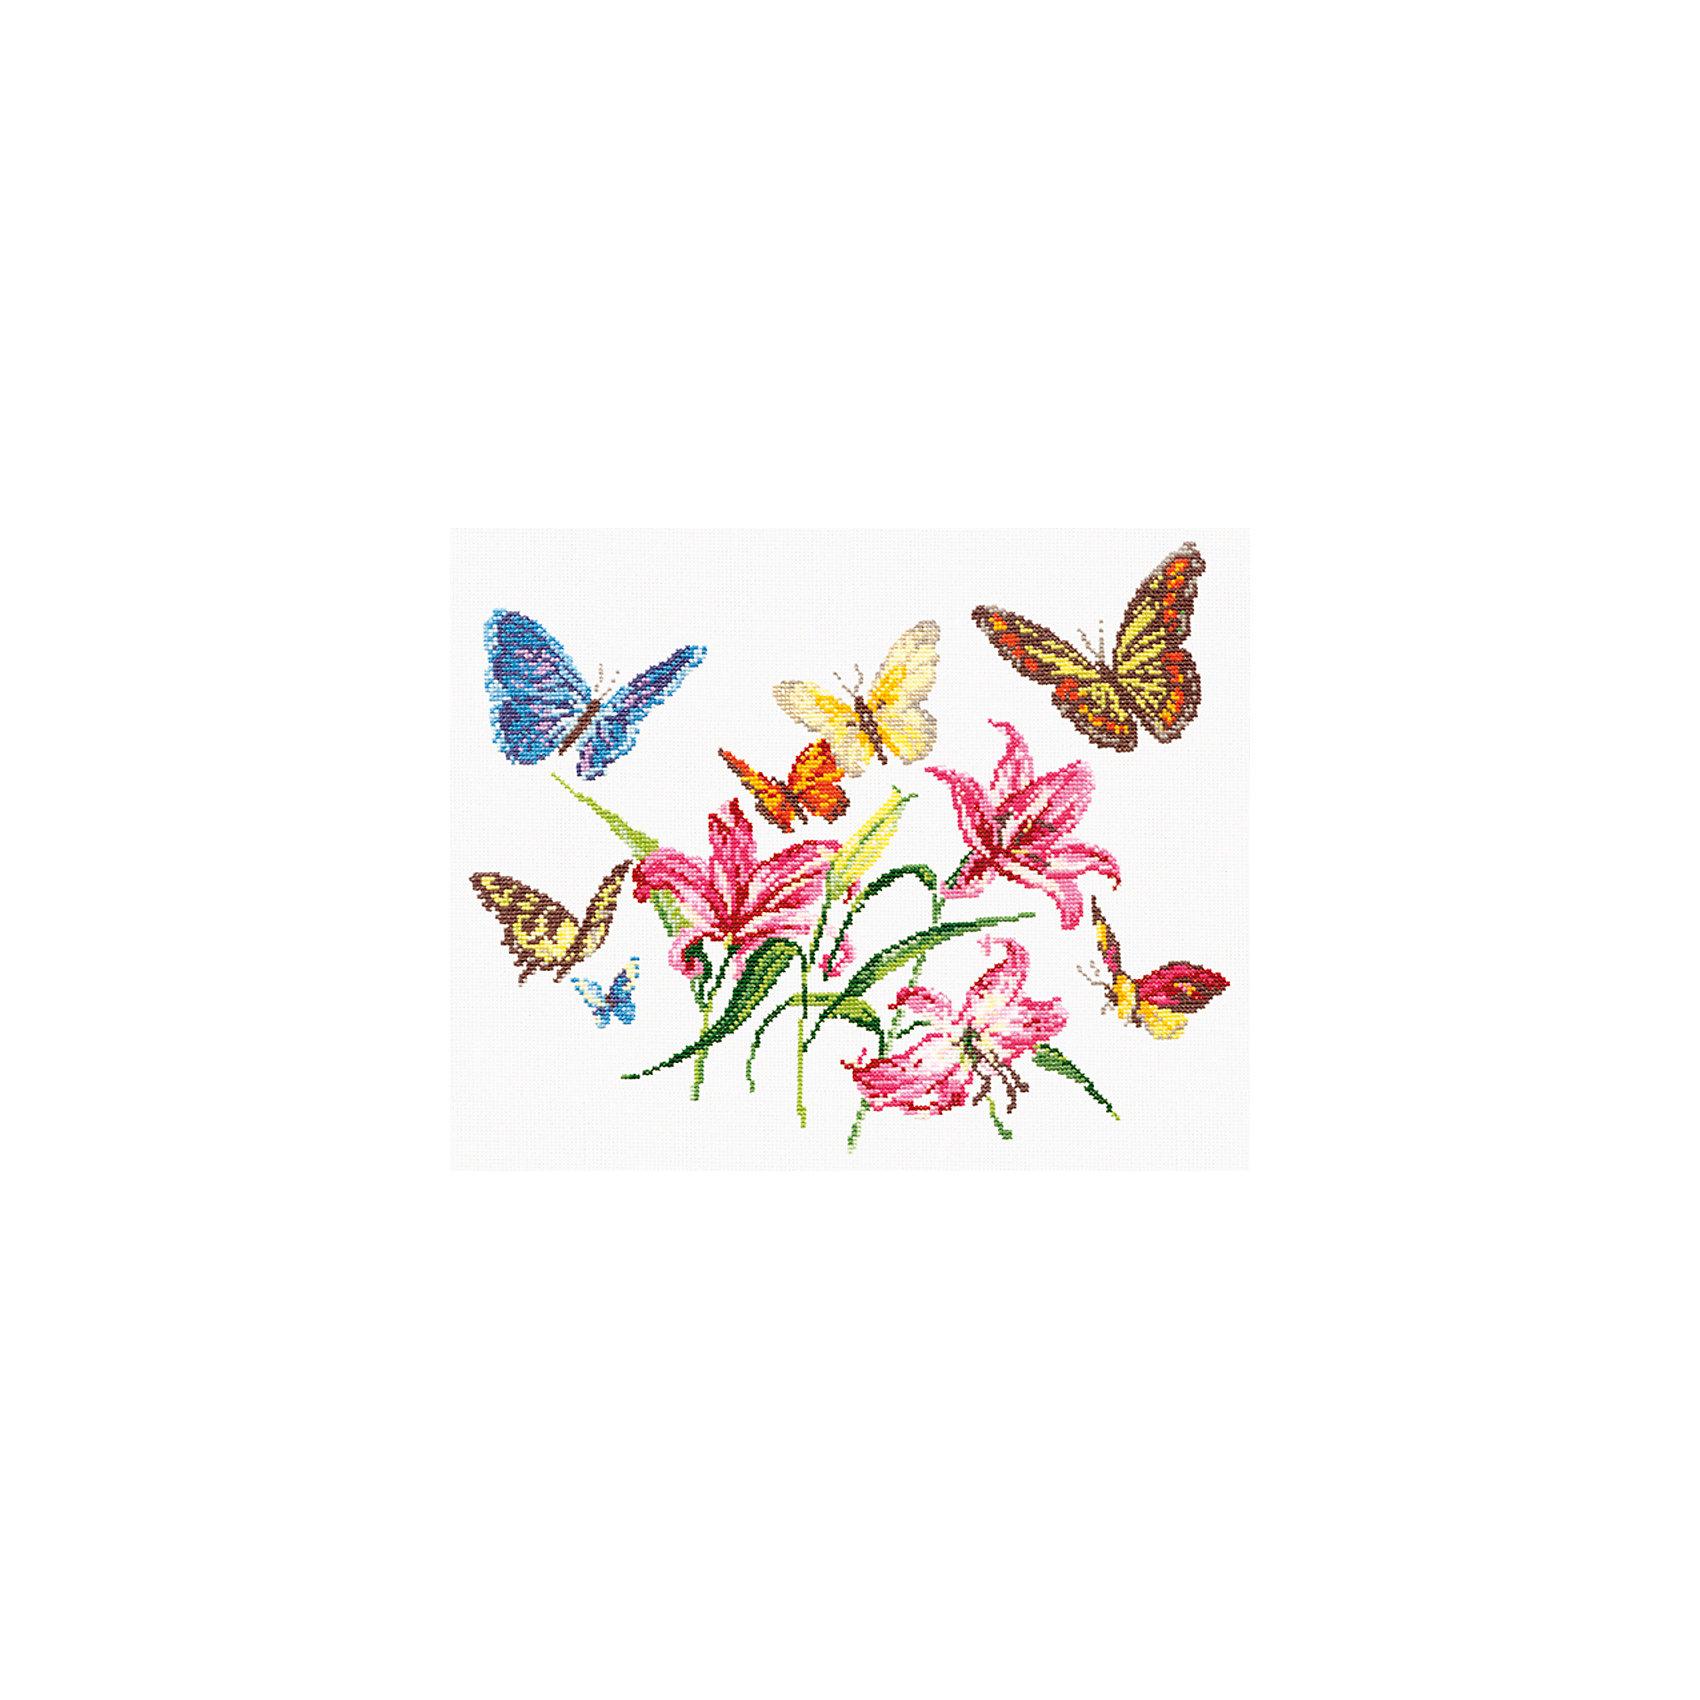 Набор для вышивания крестом «Лилии и бабочки»Набор для вышивания крестом «Лилии и бабочки» – это отличный подарок для маленьких рукодельниц!<br>Набор для вышивания крестом «Лилии и бабочки», несомненно, доставит удовольствие каждому ребенку. Вышивание - очень увлекательное занятие. Простота исполнения основного элемента (крестика) позволит даже начинающему любителю рукоделия достичь потрясающего результата. На вышивке изображены красивые бабочки, которые порхаю среди лилий. Схема вышивки детально проработана. Набор порадует вас насыщенными красками, идеально подобранными нитками, а также канвой, которая имеет равномерную структуру, образующую отчетливые квадратики и отверстия в углах этих квадратов, облегчающие проведение иглы и весь процесс вышивки. А законченная вышивка прекрасно украсит любой интерьер, создаст уютную атмосферу в доме или станет самым ценным для друзей и знакомых. Вышивание крестиком поможет ребенку научиться пользоваться инструментами для шитья и поспособствует развитию творческих способностей.<br><br>Дополнительная информация:<br><br>- В наборе: нитки мулине 23 цвета; игла для вышивания №24; канва Аида 14, белого цвета (без рисунка); цветная схема для вышивания; краткая инструкция на русском языке<br>- Мулине: 100% хлопок<br>- Канва Аида 14: 100% хлопок, 55 клеточек на 10 см.<br>- Размер готового изделия: 32 х 26 см.<br>- Техника: счетный крест<br>- Сложность: низкая<br><br>Набор для вышивания крестом «Лилии и бабочки» можно купить в нашем интернет-магазине.<br><br>Ширина мм: 350<br>Глубина мм: 200<br>Высота мм: 50<br>Вес г: 200<br>Возраст от месяцев: 84<br>Возраст до месяцев: 168<br>Пол: Женский<br>Возраст: Детский<br>SKU: 4518084